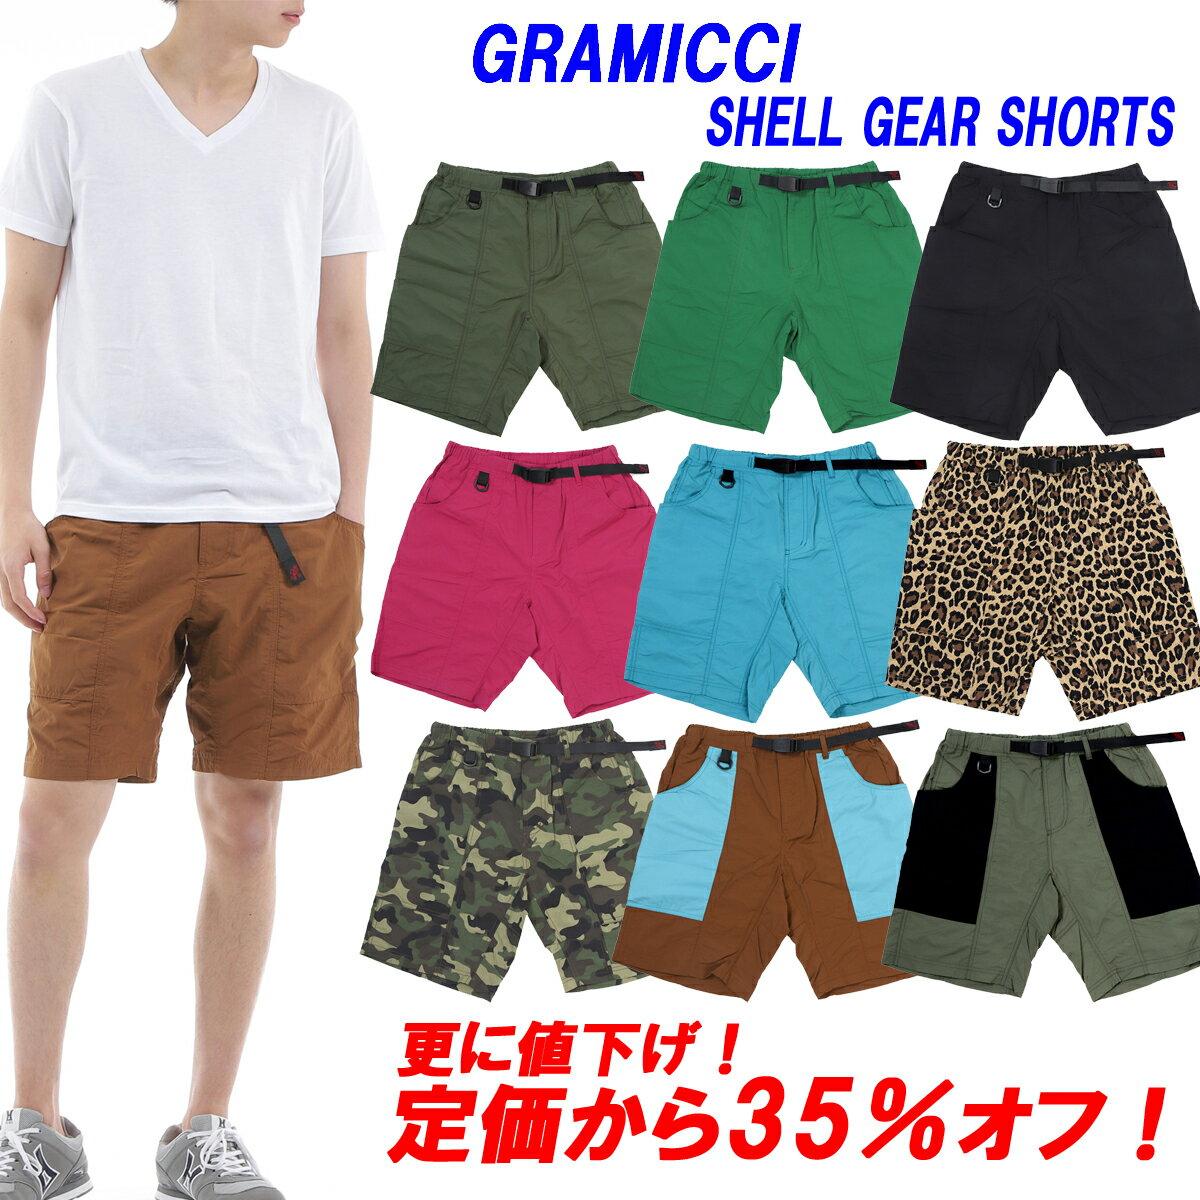 メンズファッション, ズボン・パンツ 35GRAMICCISHELL GEAR SHORTS GUP-20S038